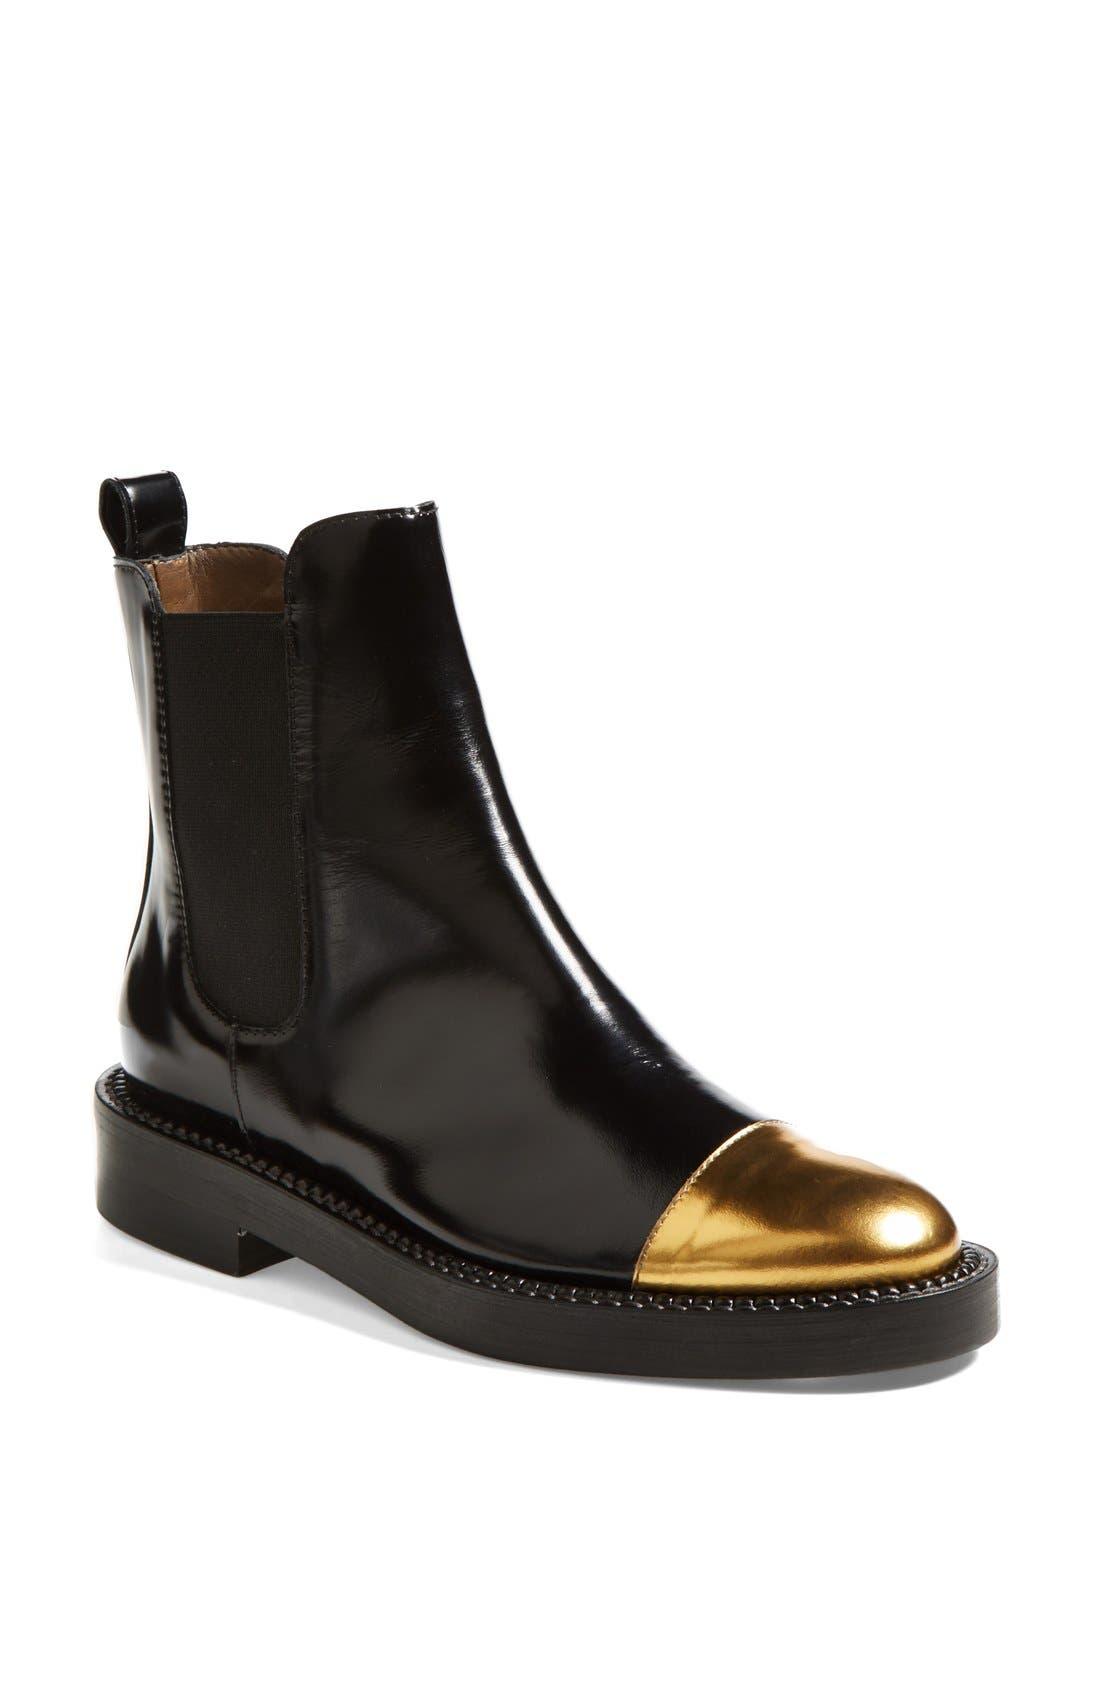 Main Image - Marni 'Chelsea' Boot